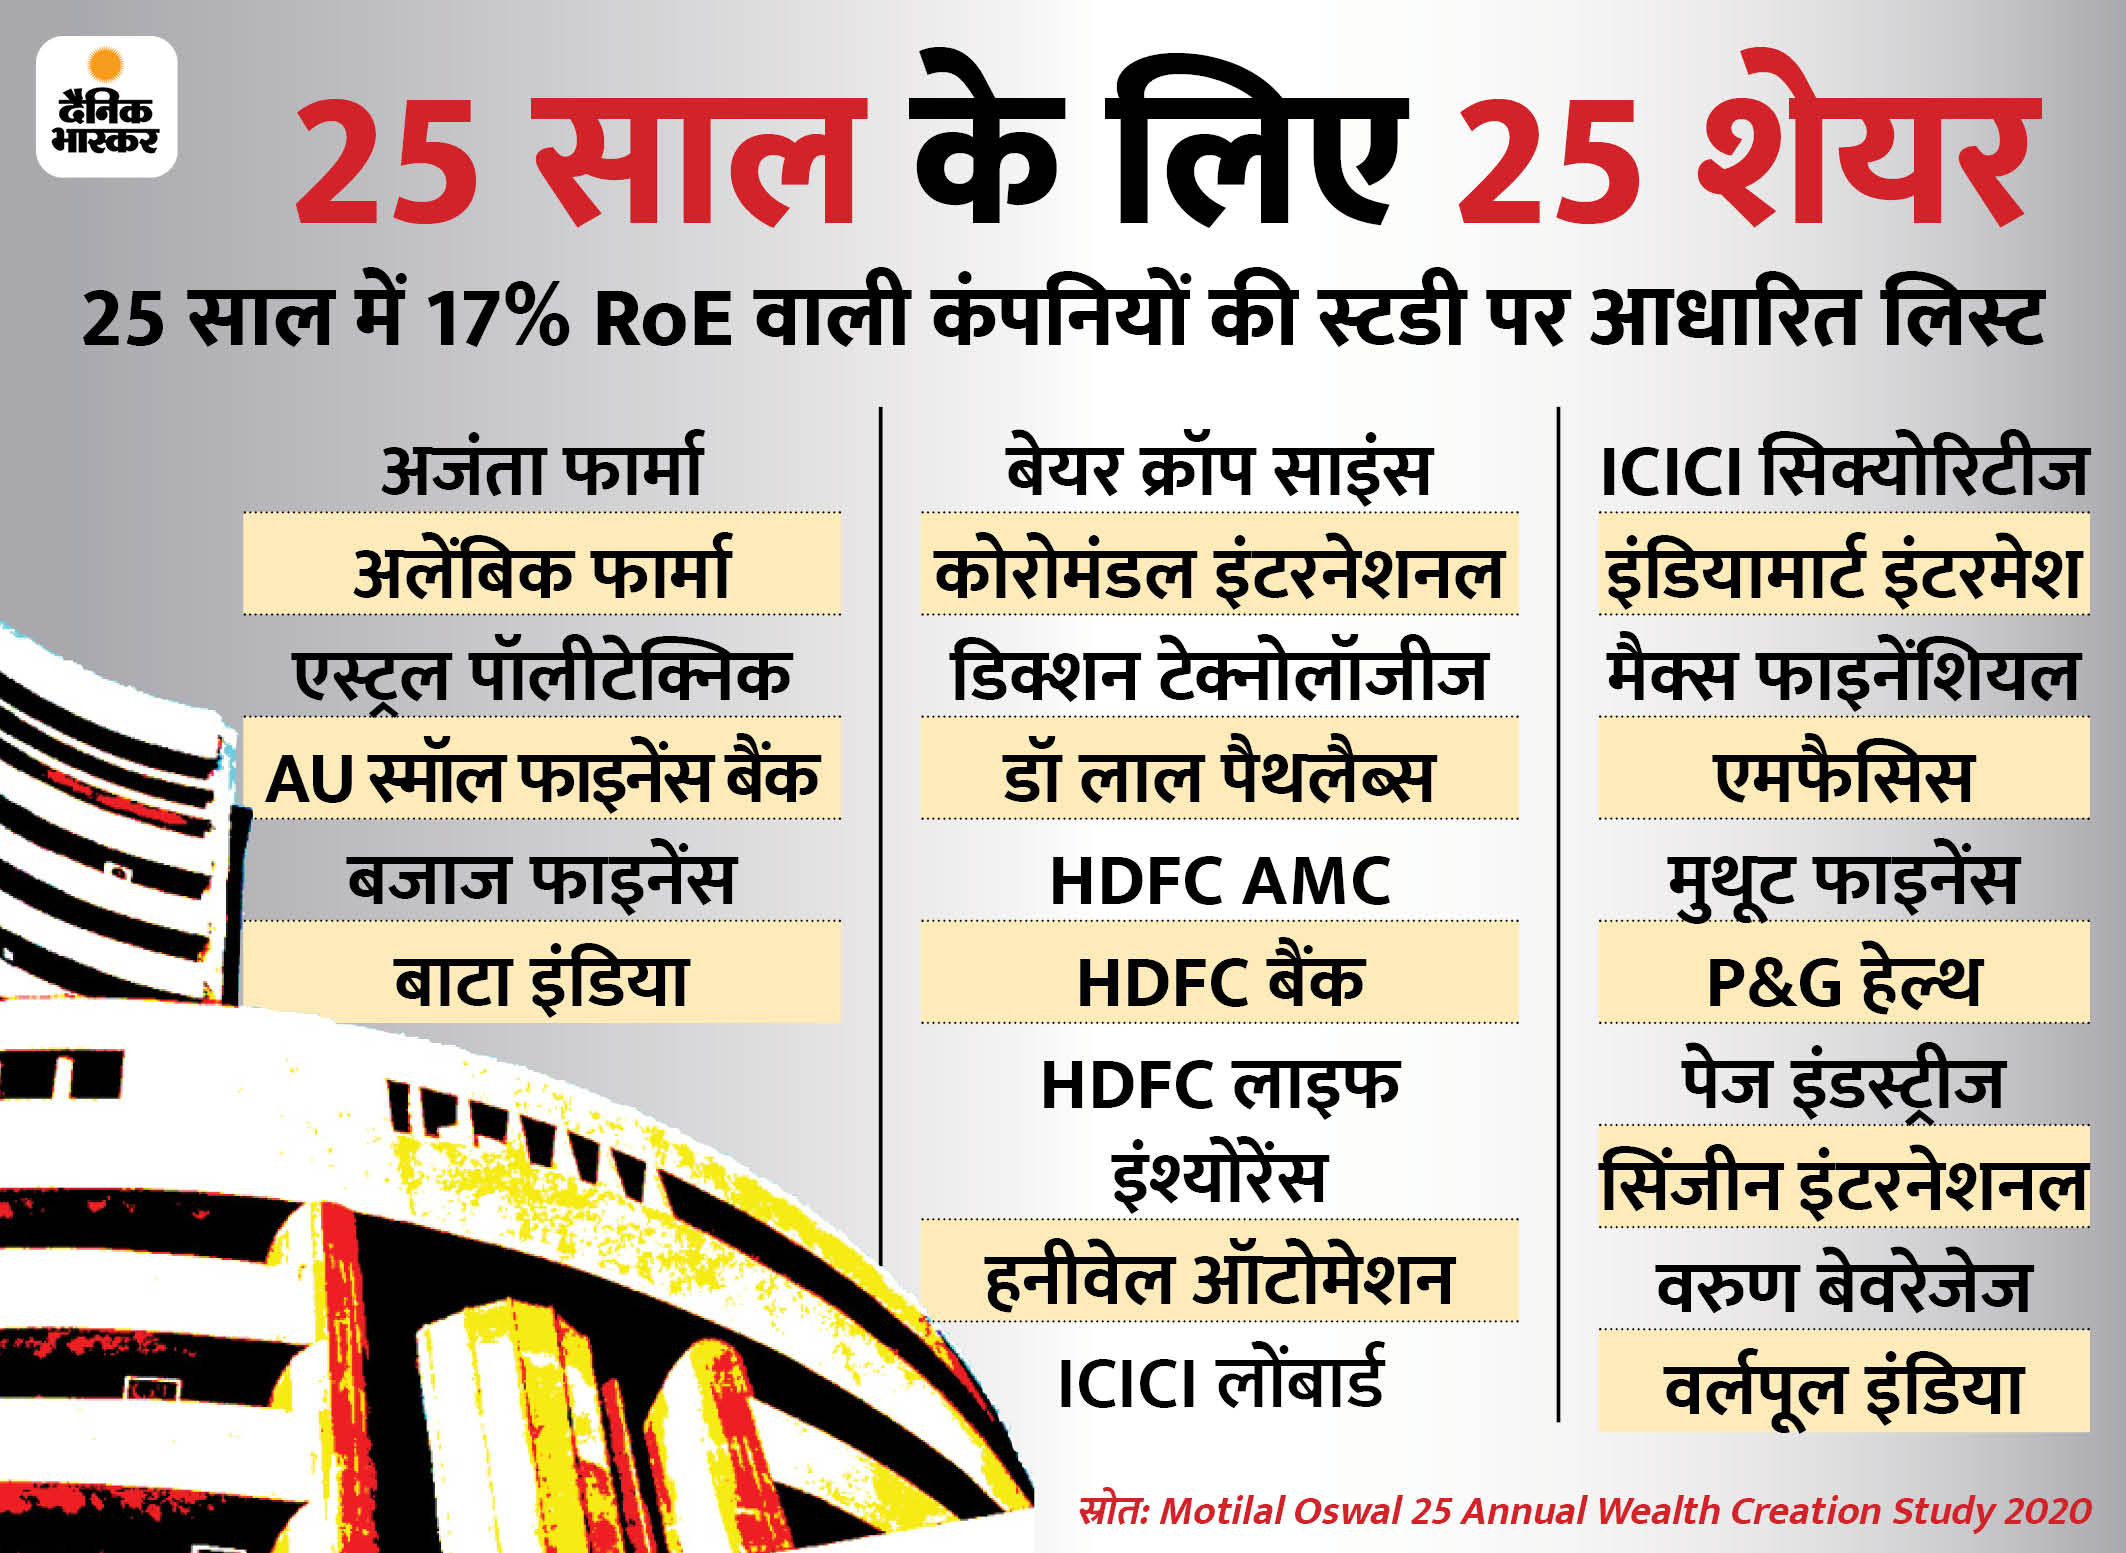 ये 25 शेयर अगले 25 साल में दमदार रिटर्न देकर संवार सकते हैं आपकी जिंदगी बिजनेस,Business - Dainik Bhaskar